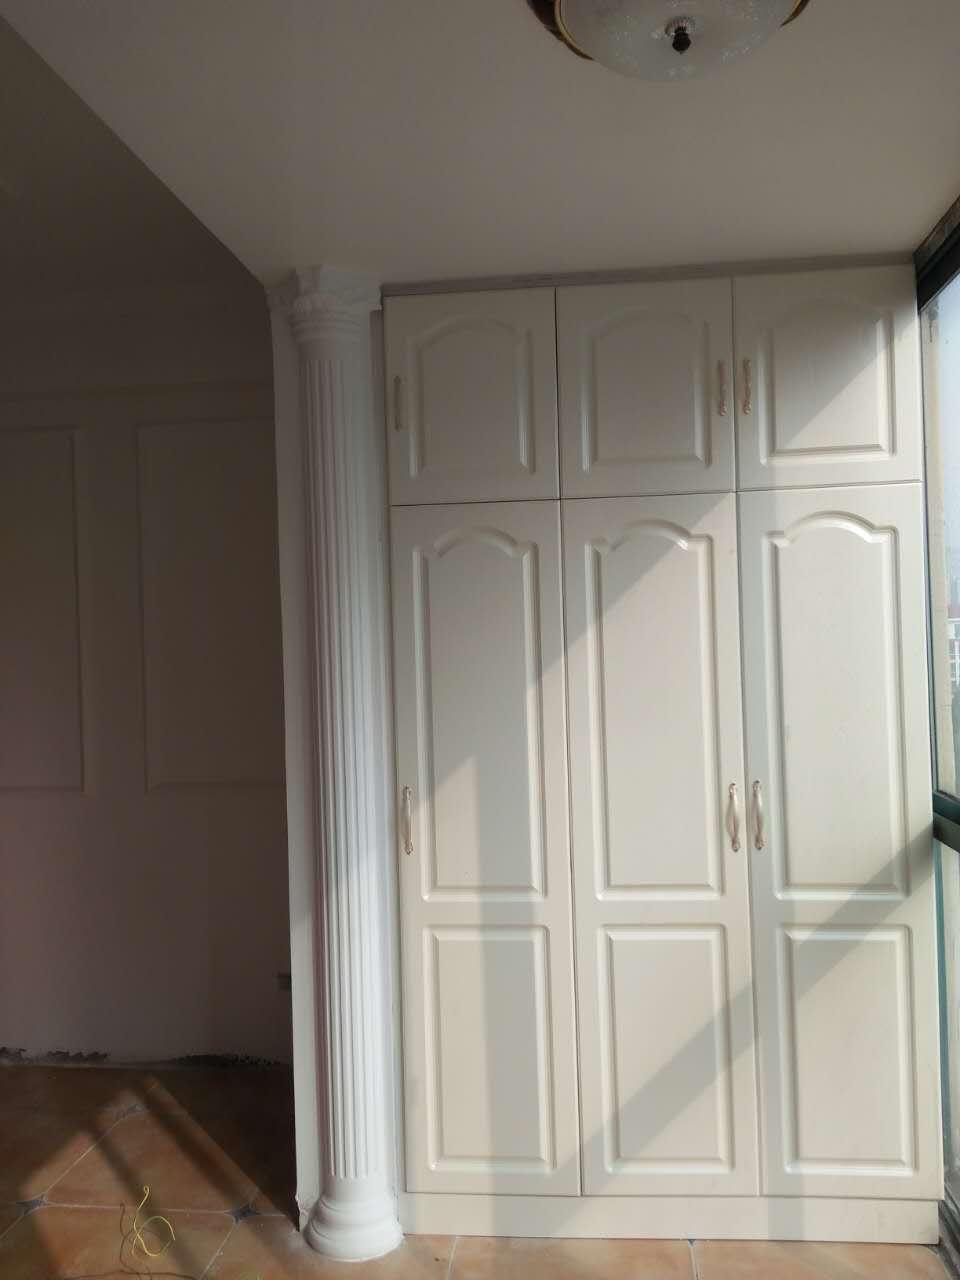 临沂装饰公司装修吊顶室内门木工壁橱影视墙新房装饰图片大全